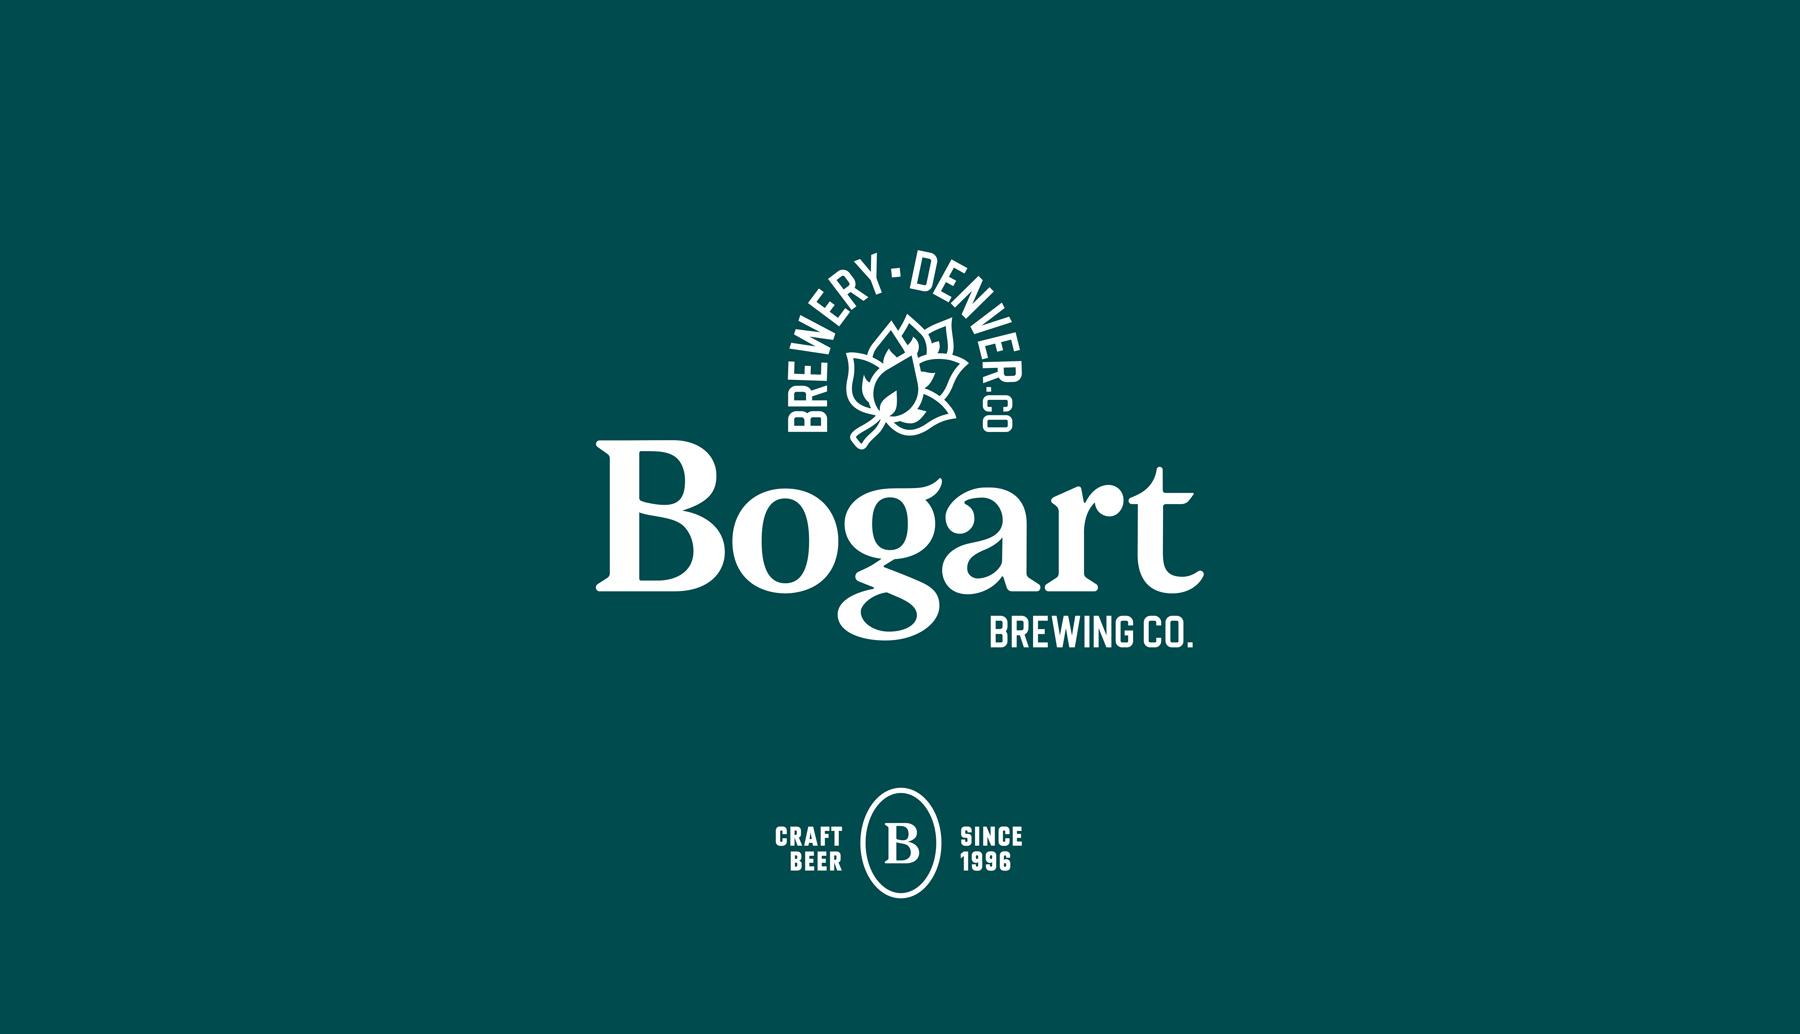 Bogart brewery craft brewery branding logo beer can mockup Kalistostudio craft beer design